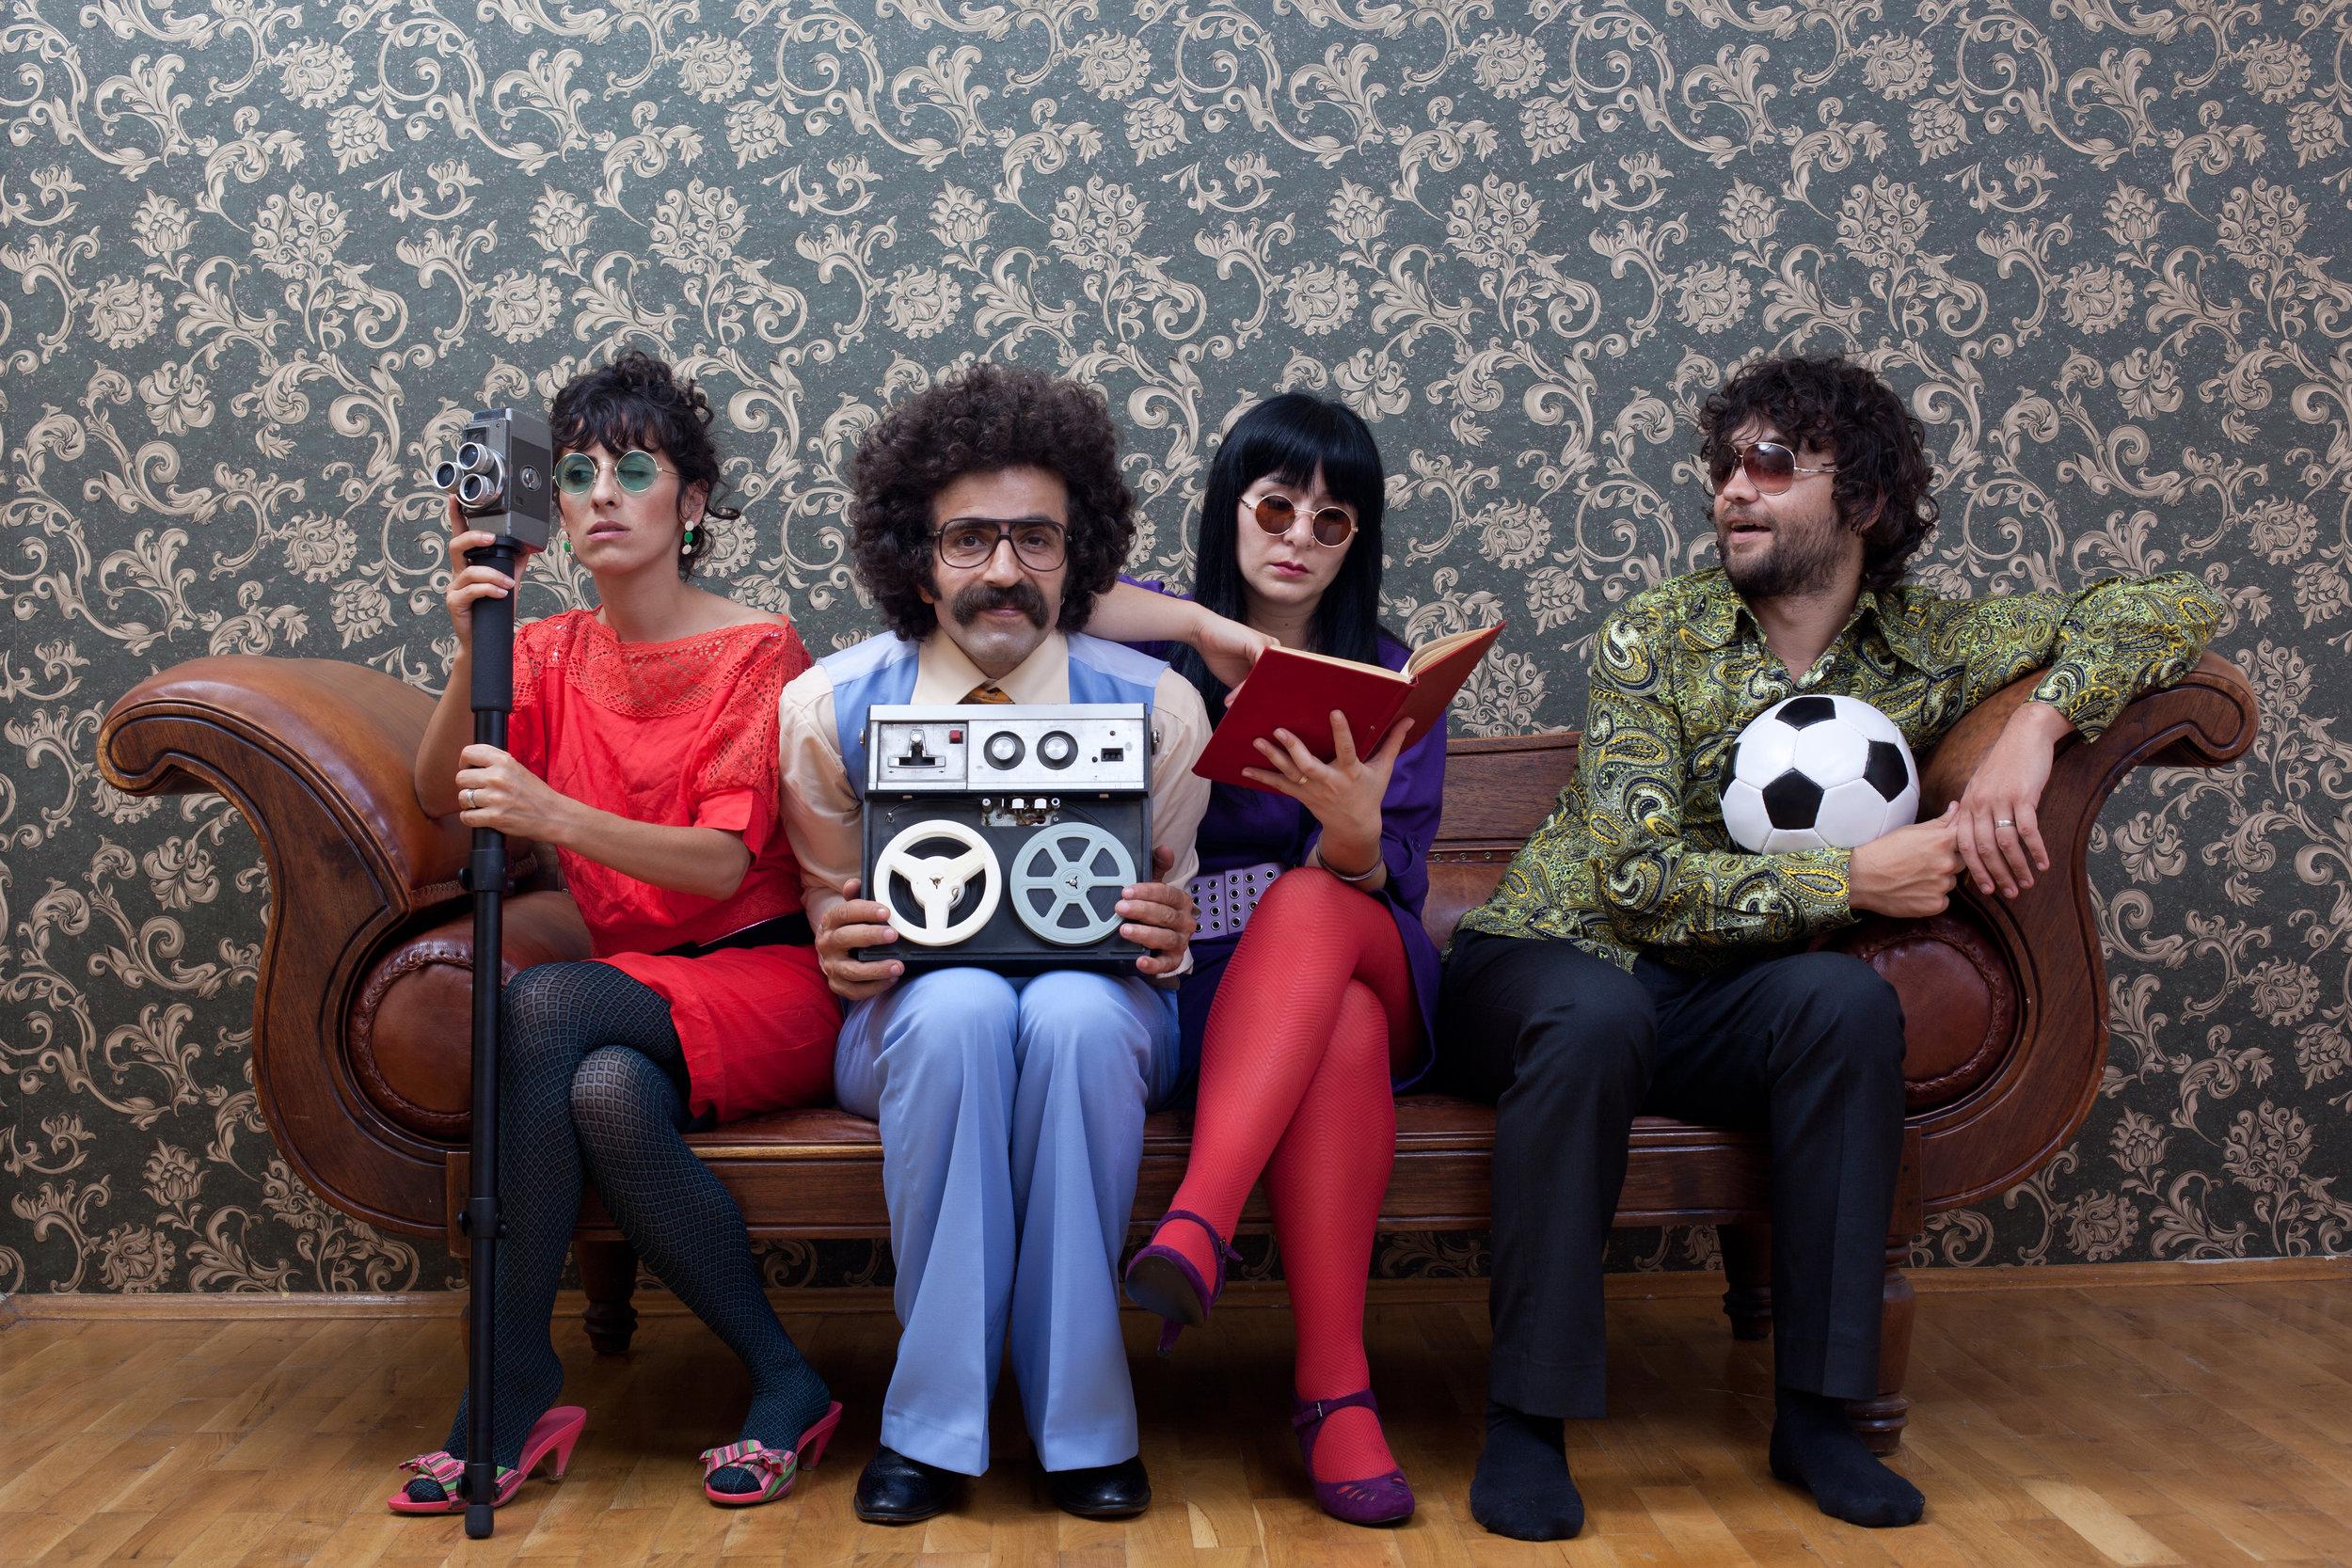 People on sofa